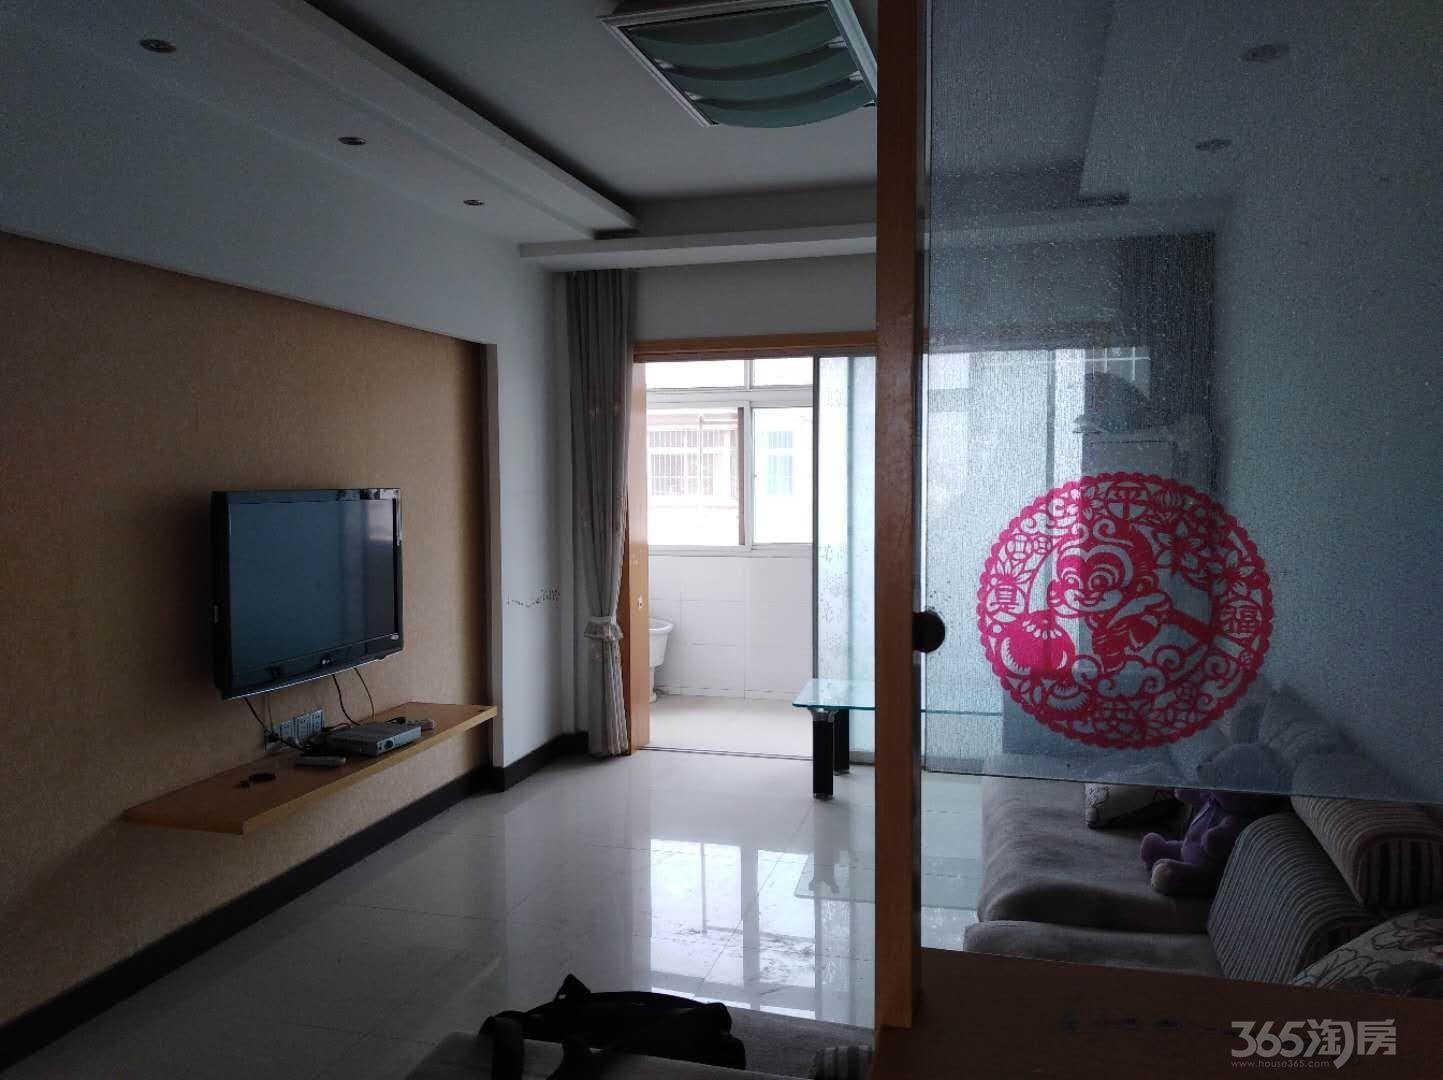 南京江宁康馨公寓2室2厅1卫97平米2006年产权房精装